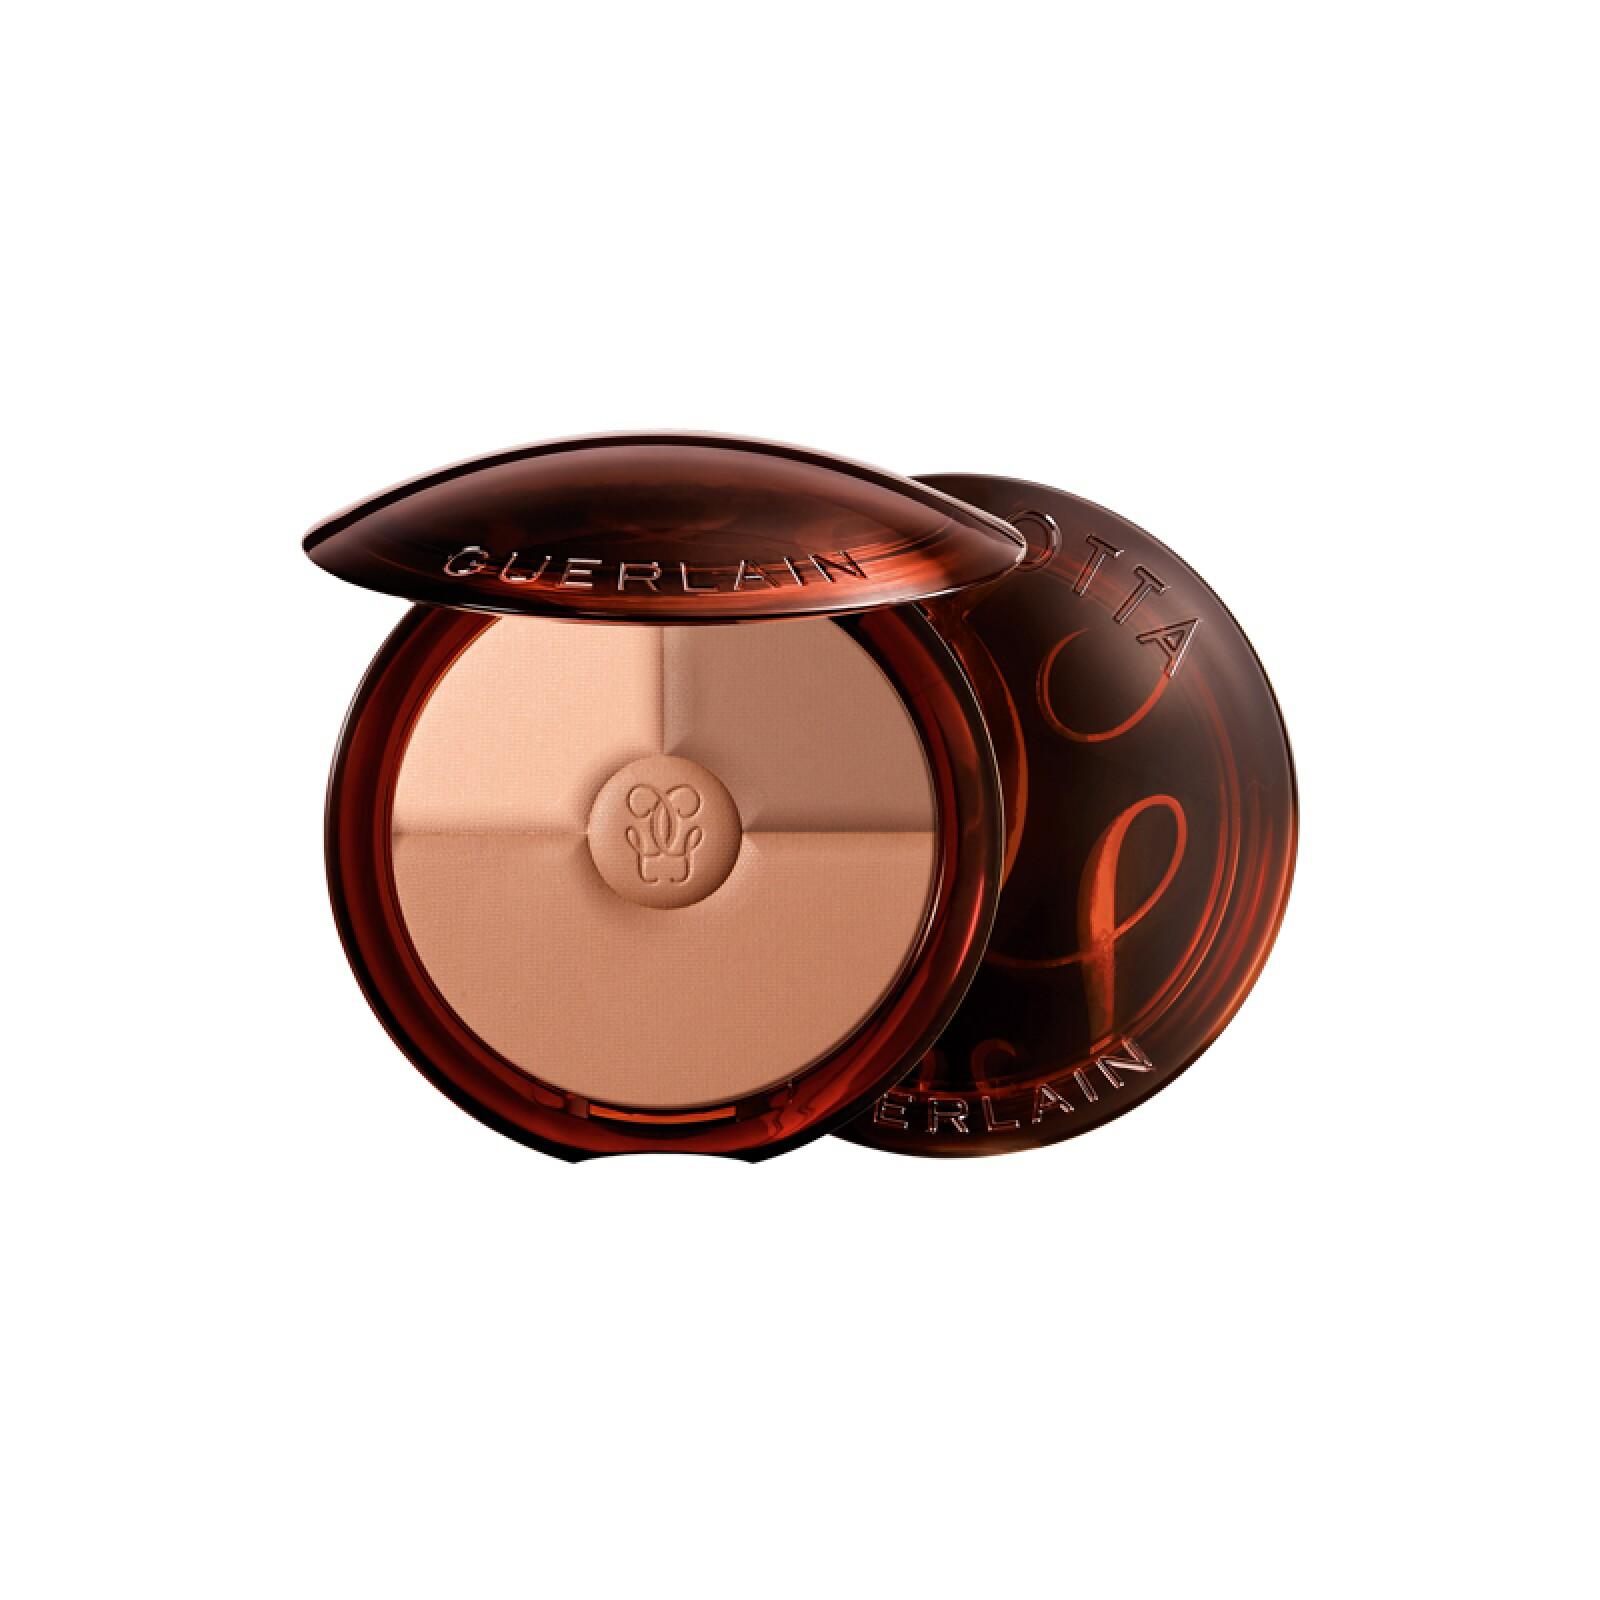 bronzers-bronzer-bronceador-maquillaje-makeup-playa-guerlain